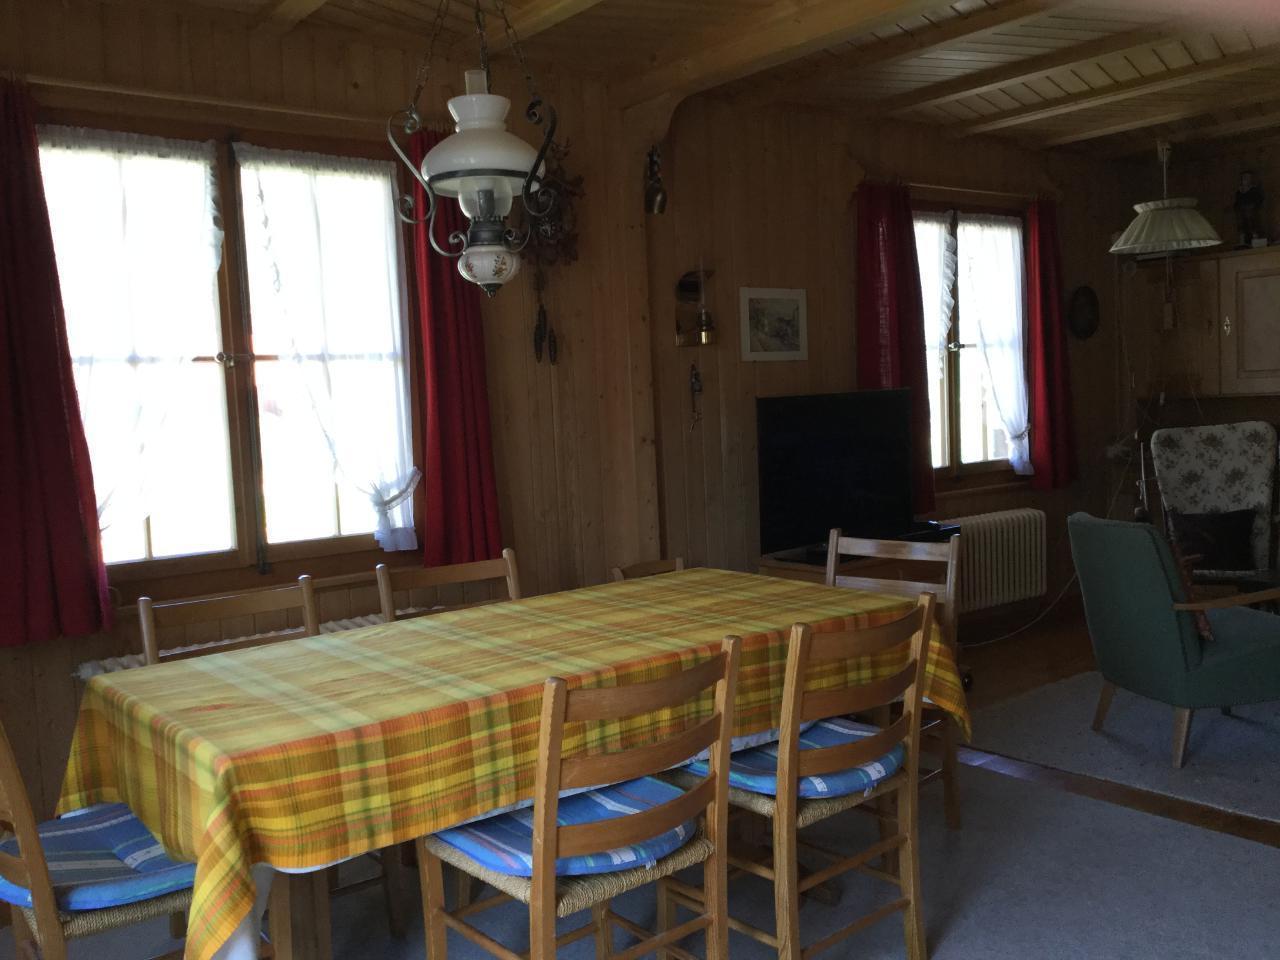 Ferienhaus Chalet  mit grossem Umschwung (2532187), Charmey, , Freiburg, Schweiz, Bild 4